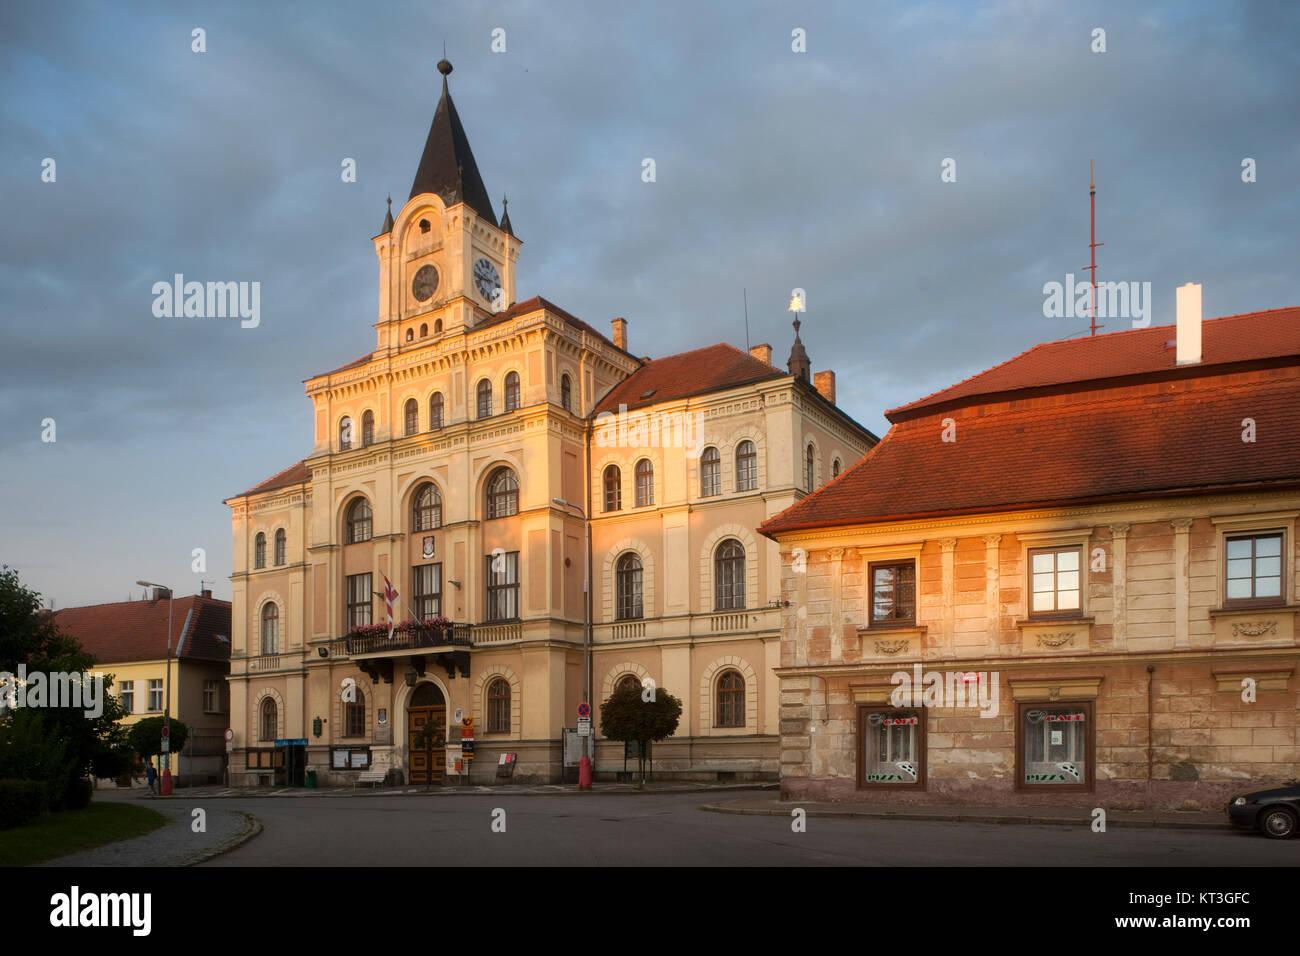 Tschechien, Südböhmen, Netolice, Hauptplatz mit Rathaus Stock Photo